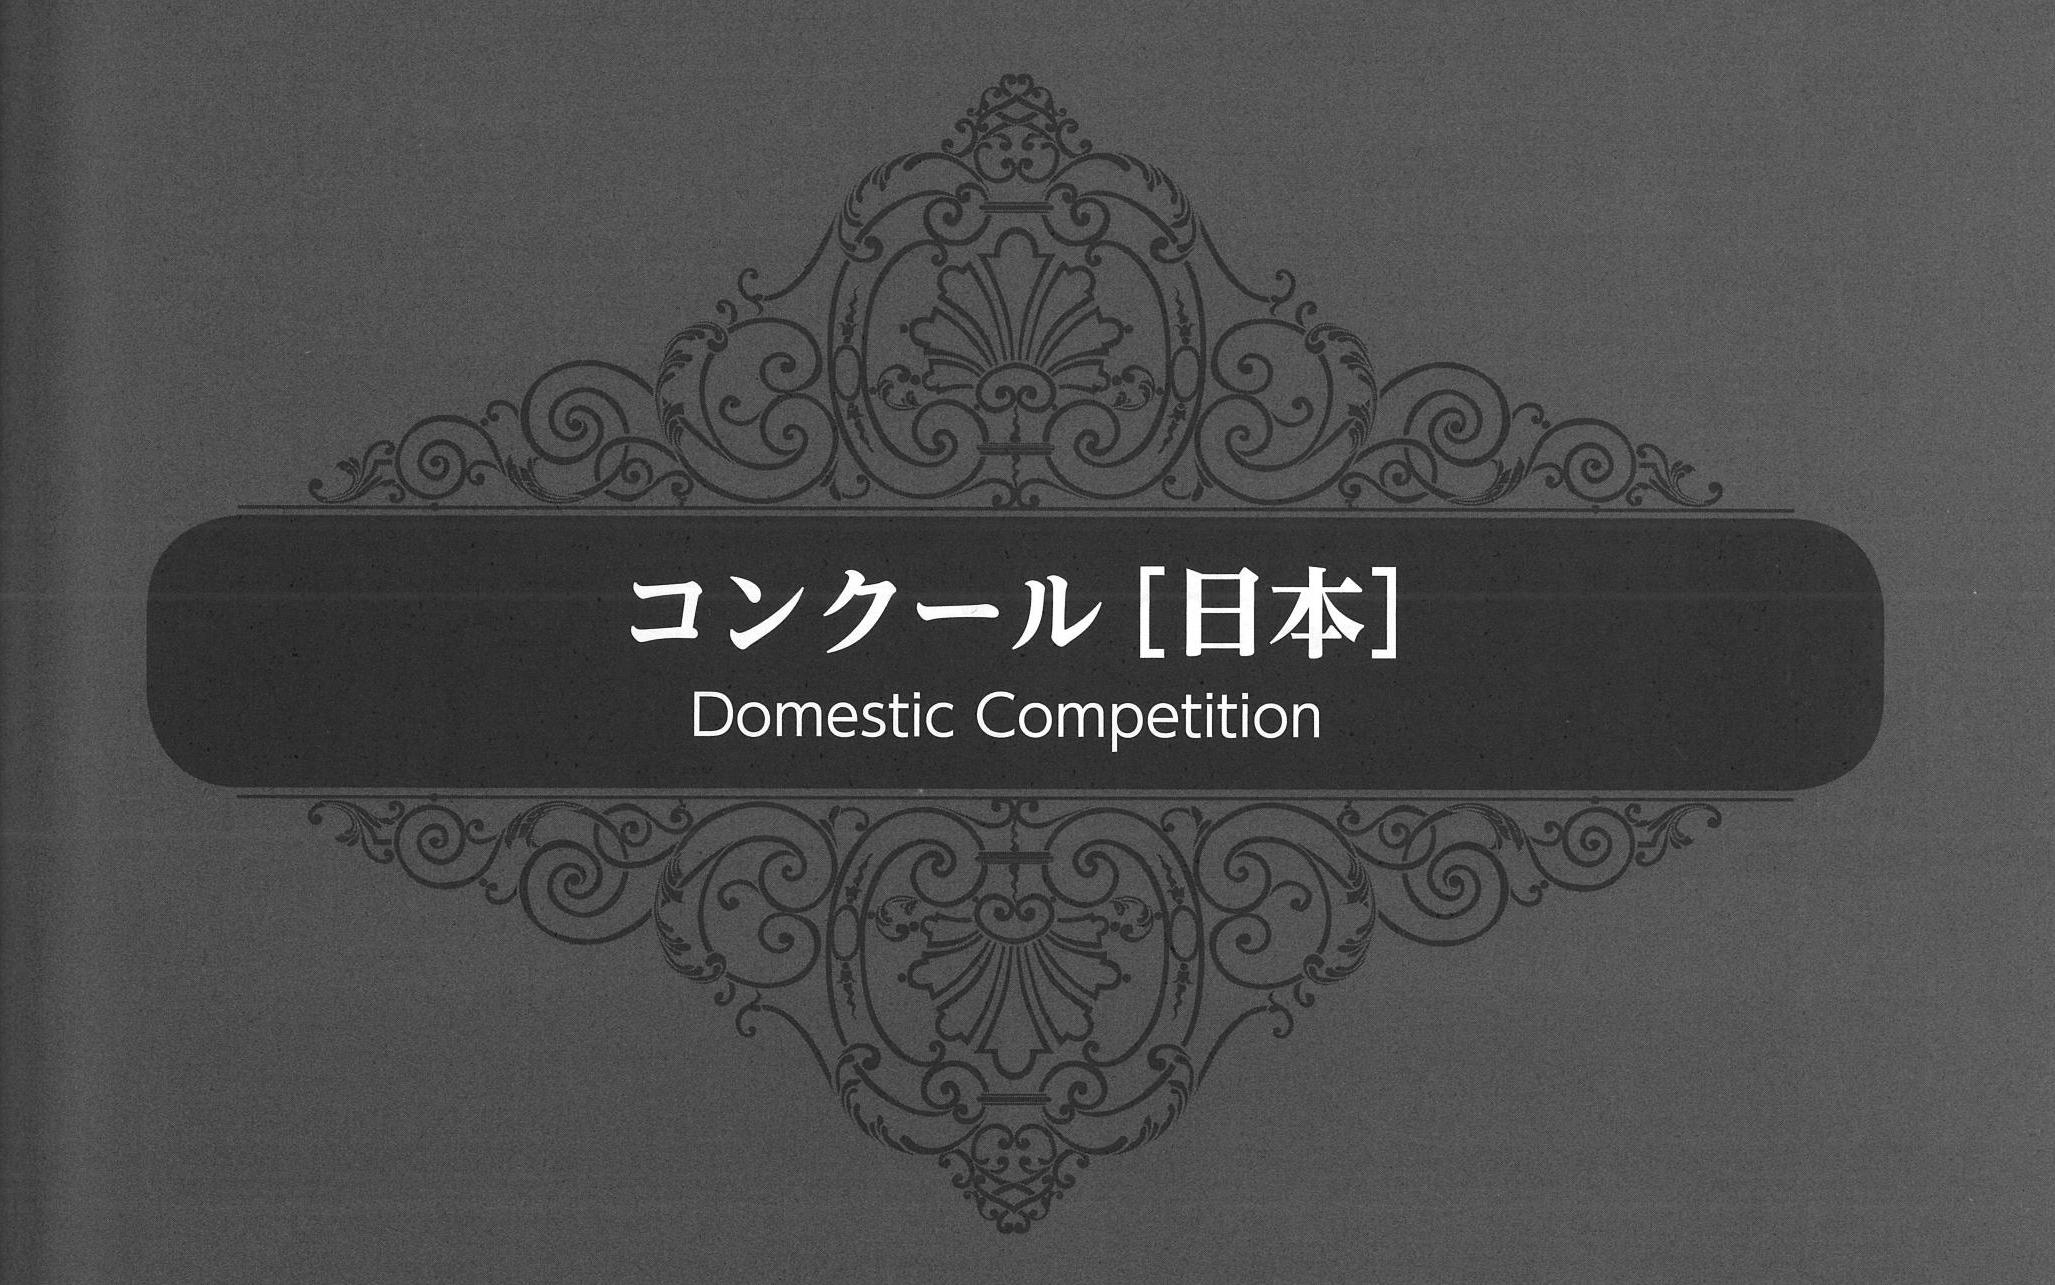 第8回安川加壽子記念コンクール 2016年時